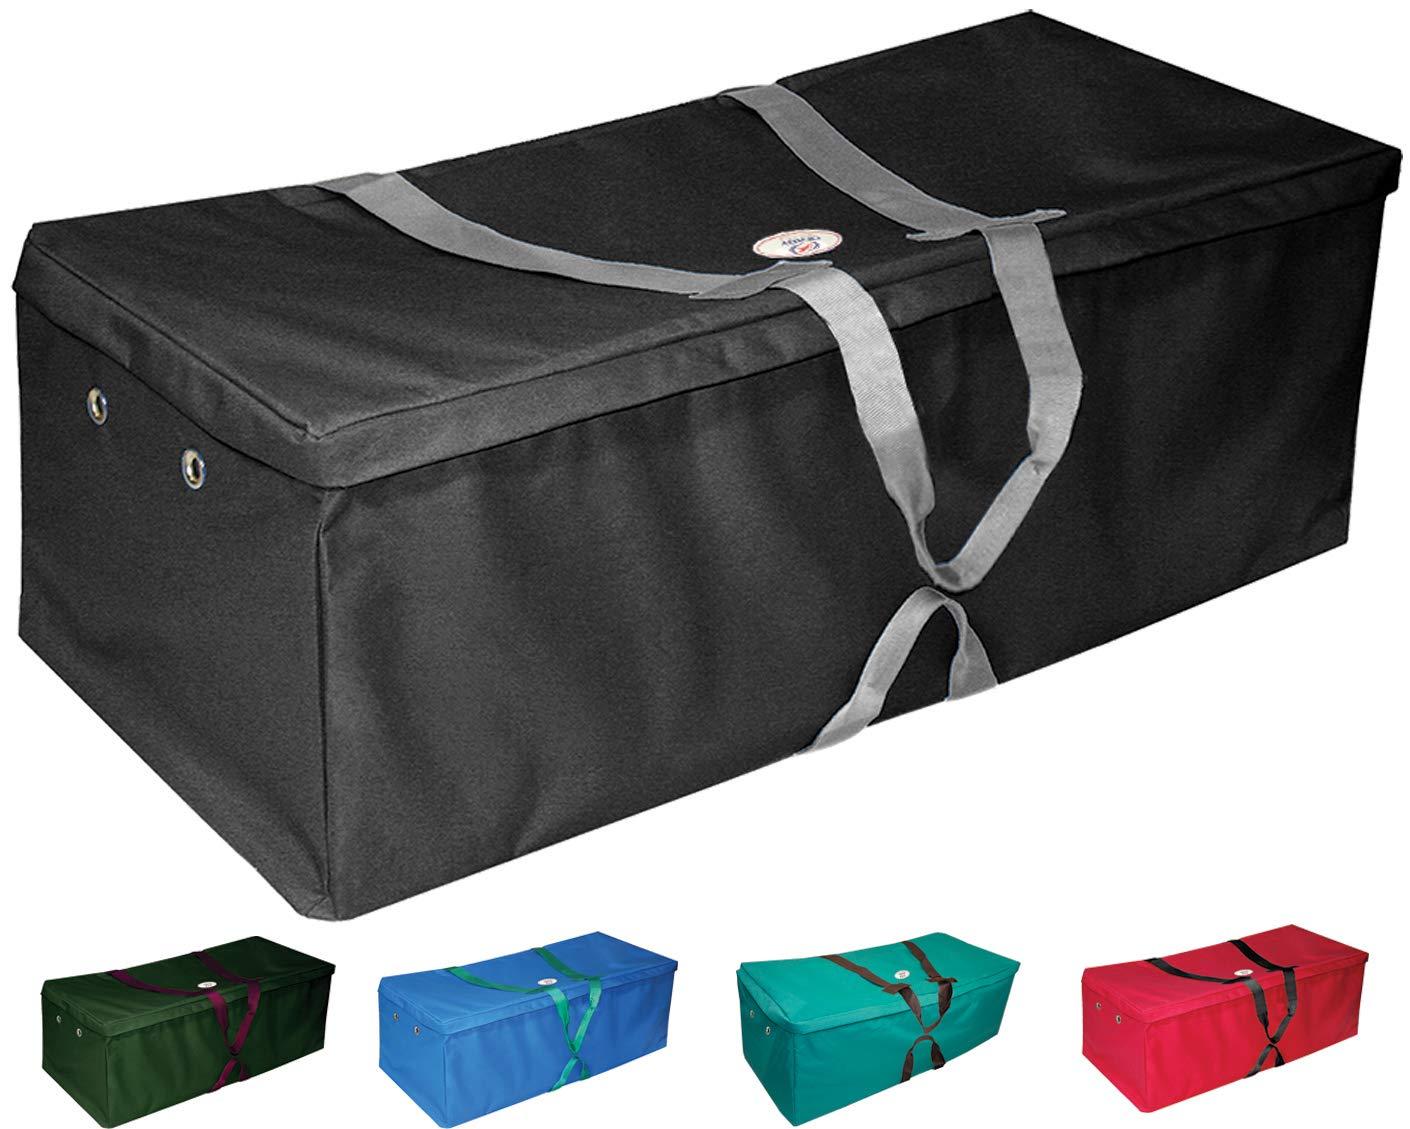 Derby Originals Nylon Hay Bale Bag-Covers, Black by Derby Originals